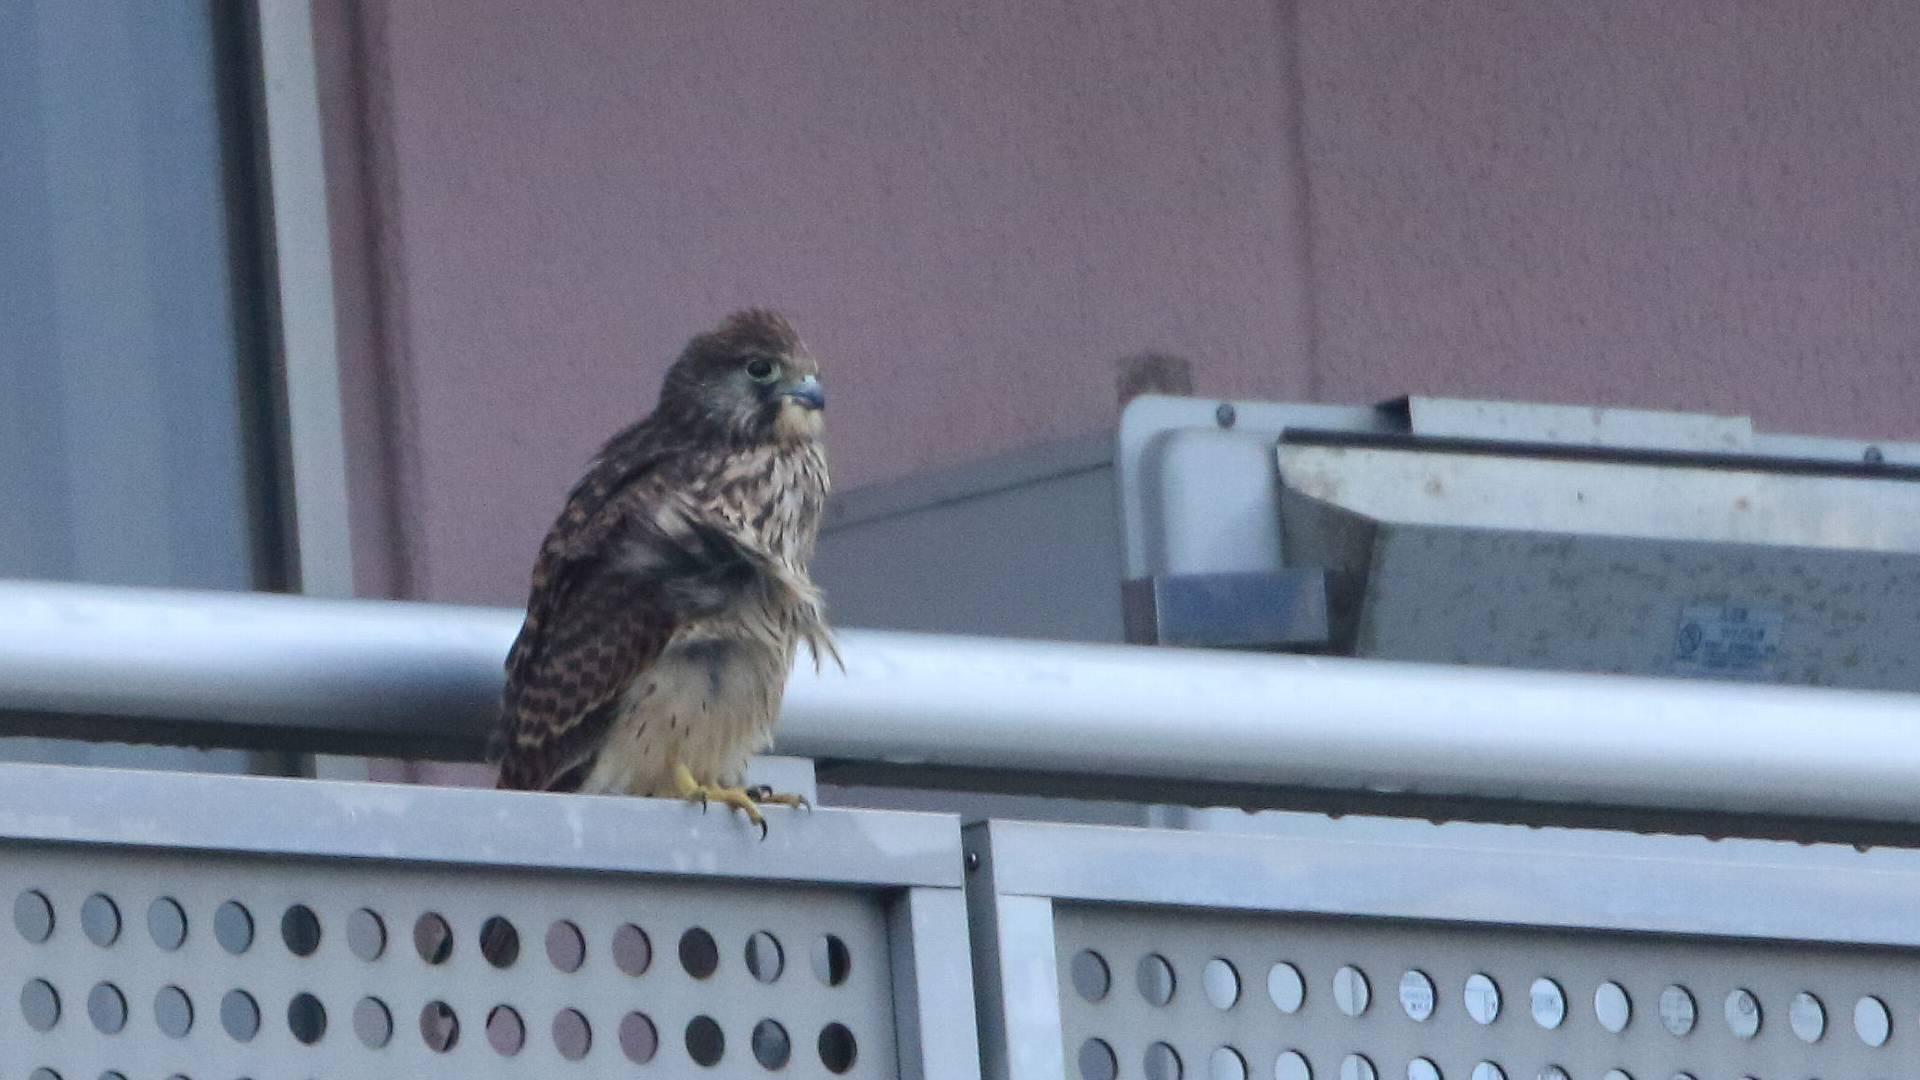 自宅マンション廊下からチョウゲンボウ幼鳥を撮影!_f0105570_21144282.jpg